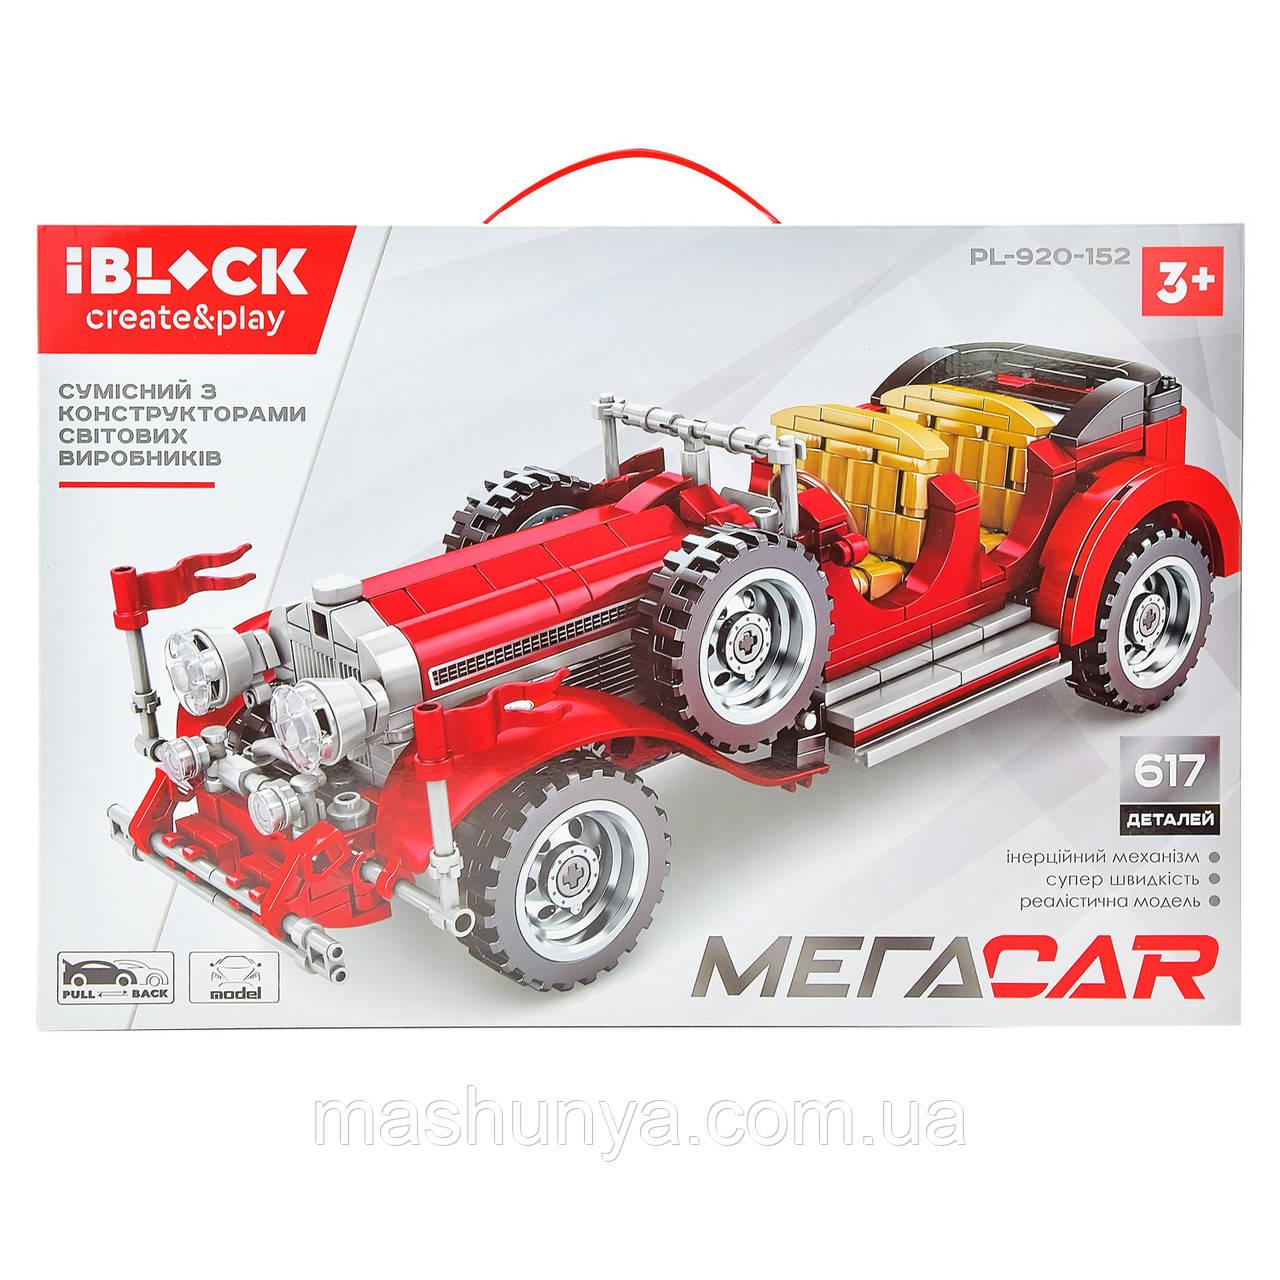 Конструктор iBlock Машинка 617 деталей PL-920-152